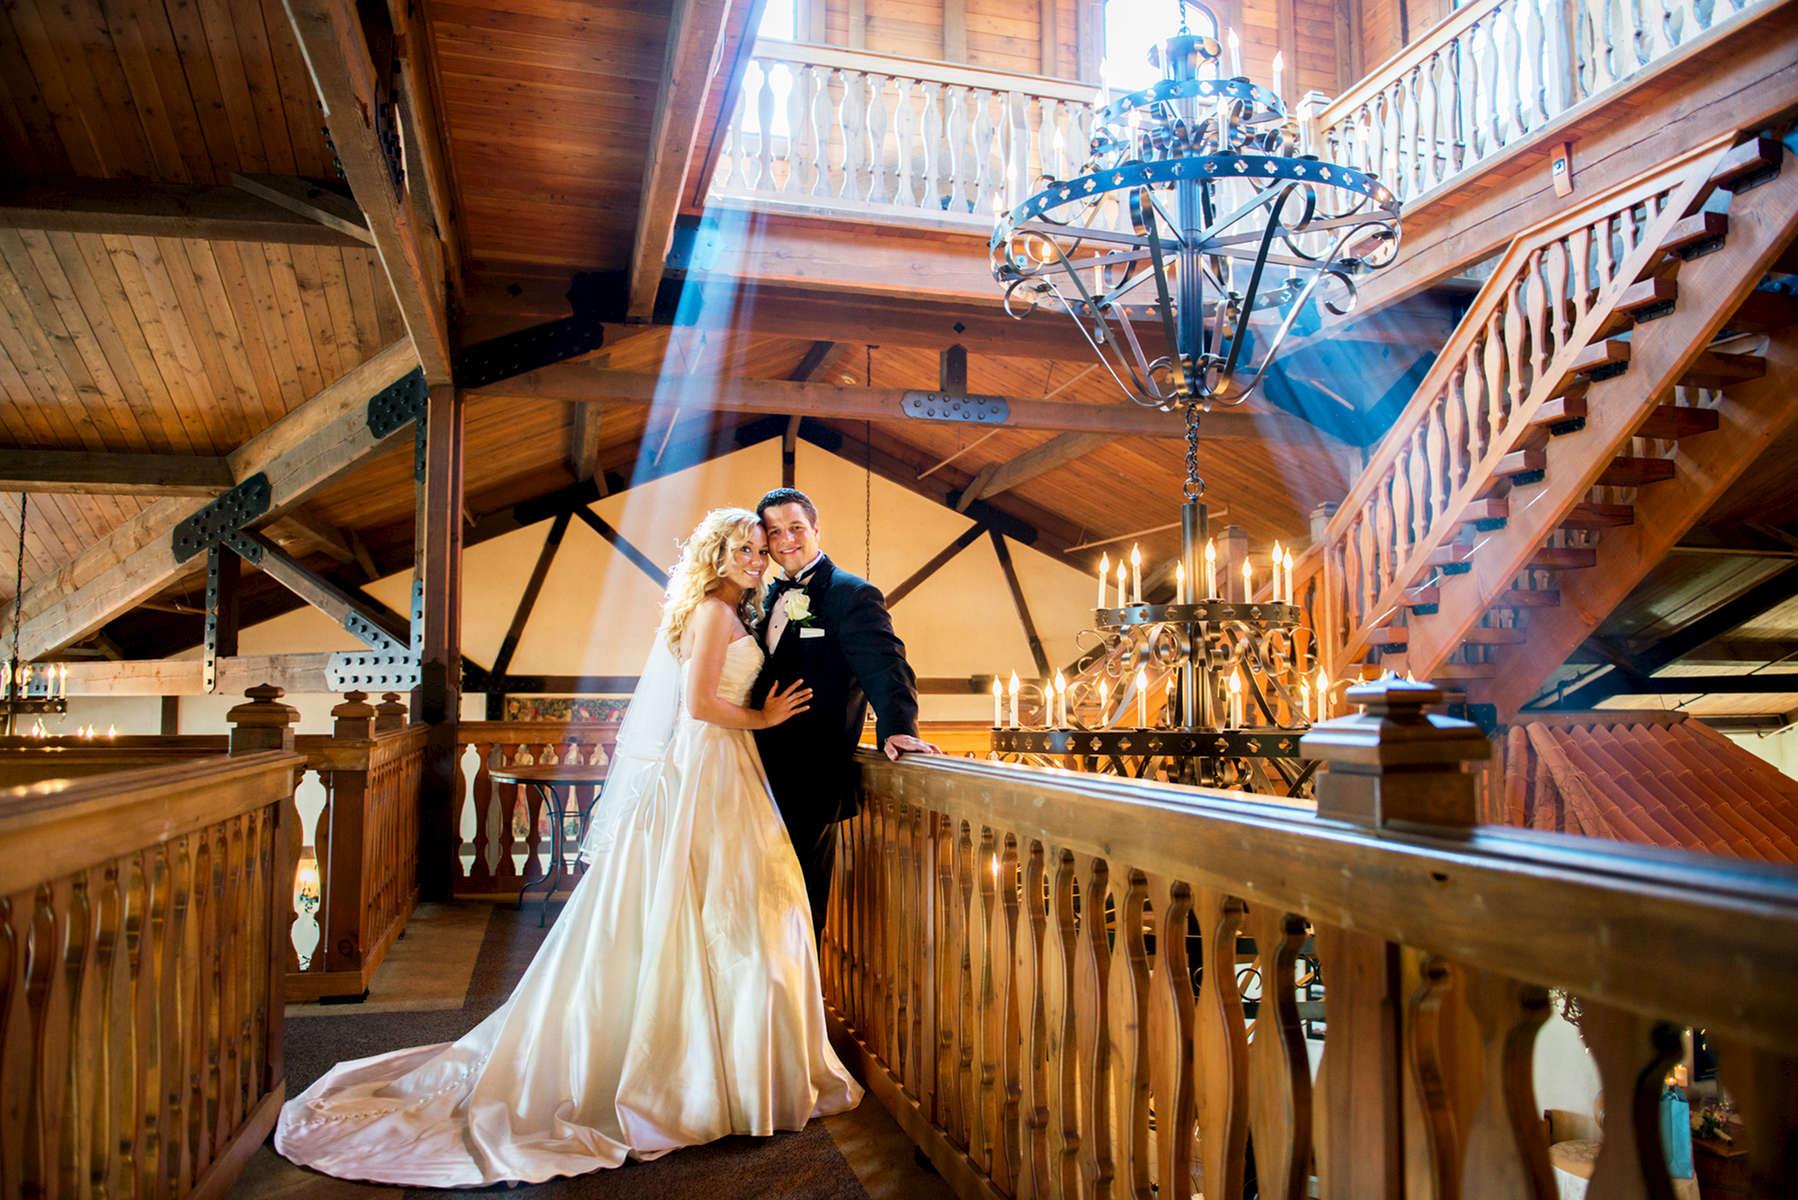 Jessica Anderson and Eric Greco's WeddingJune 29, 2013RaphaelPeconic, NY